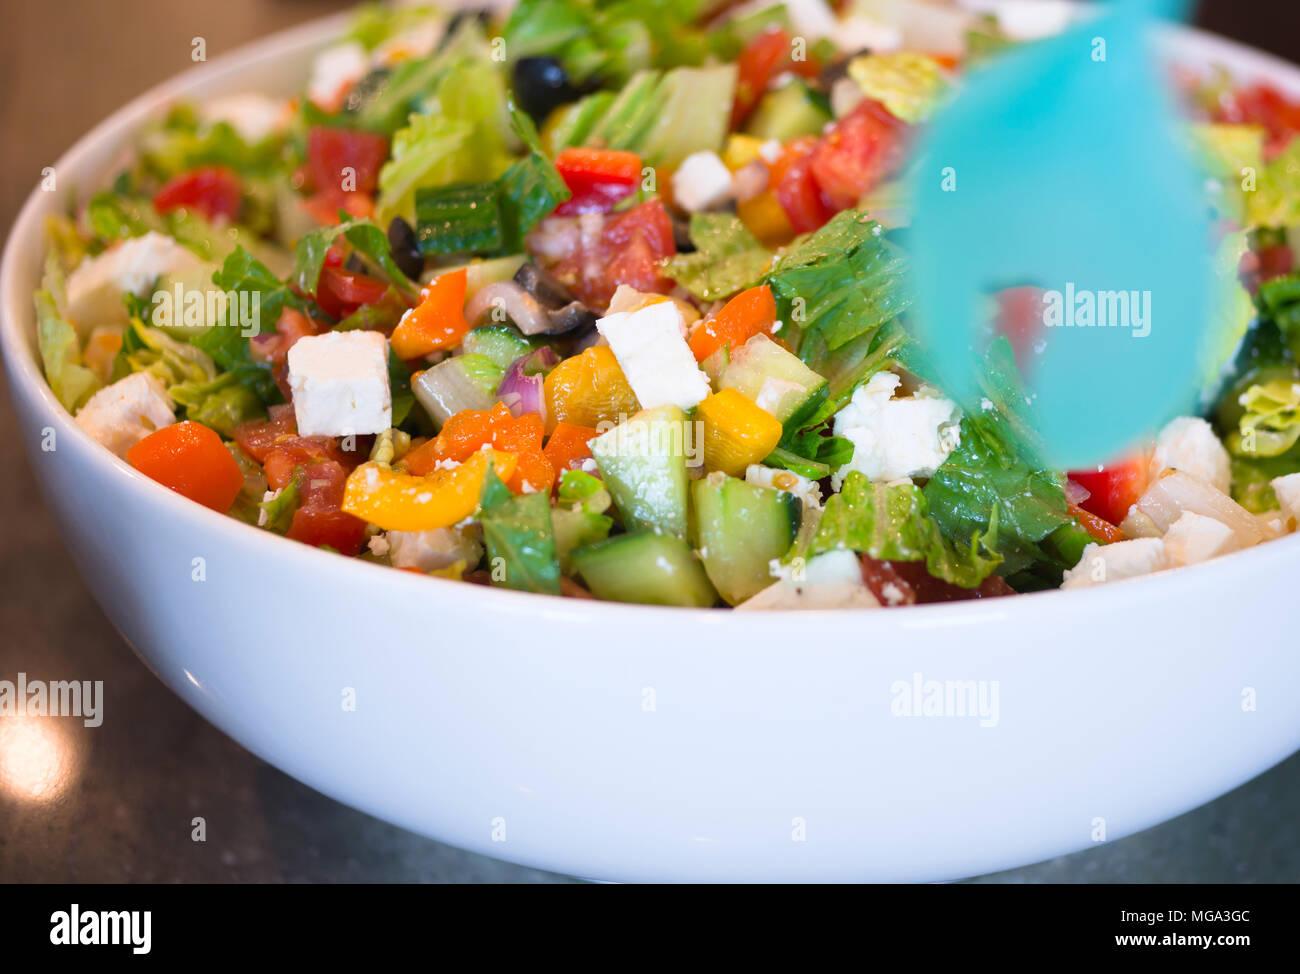 low calories photos & low calories images - alamy